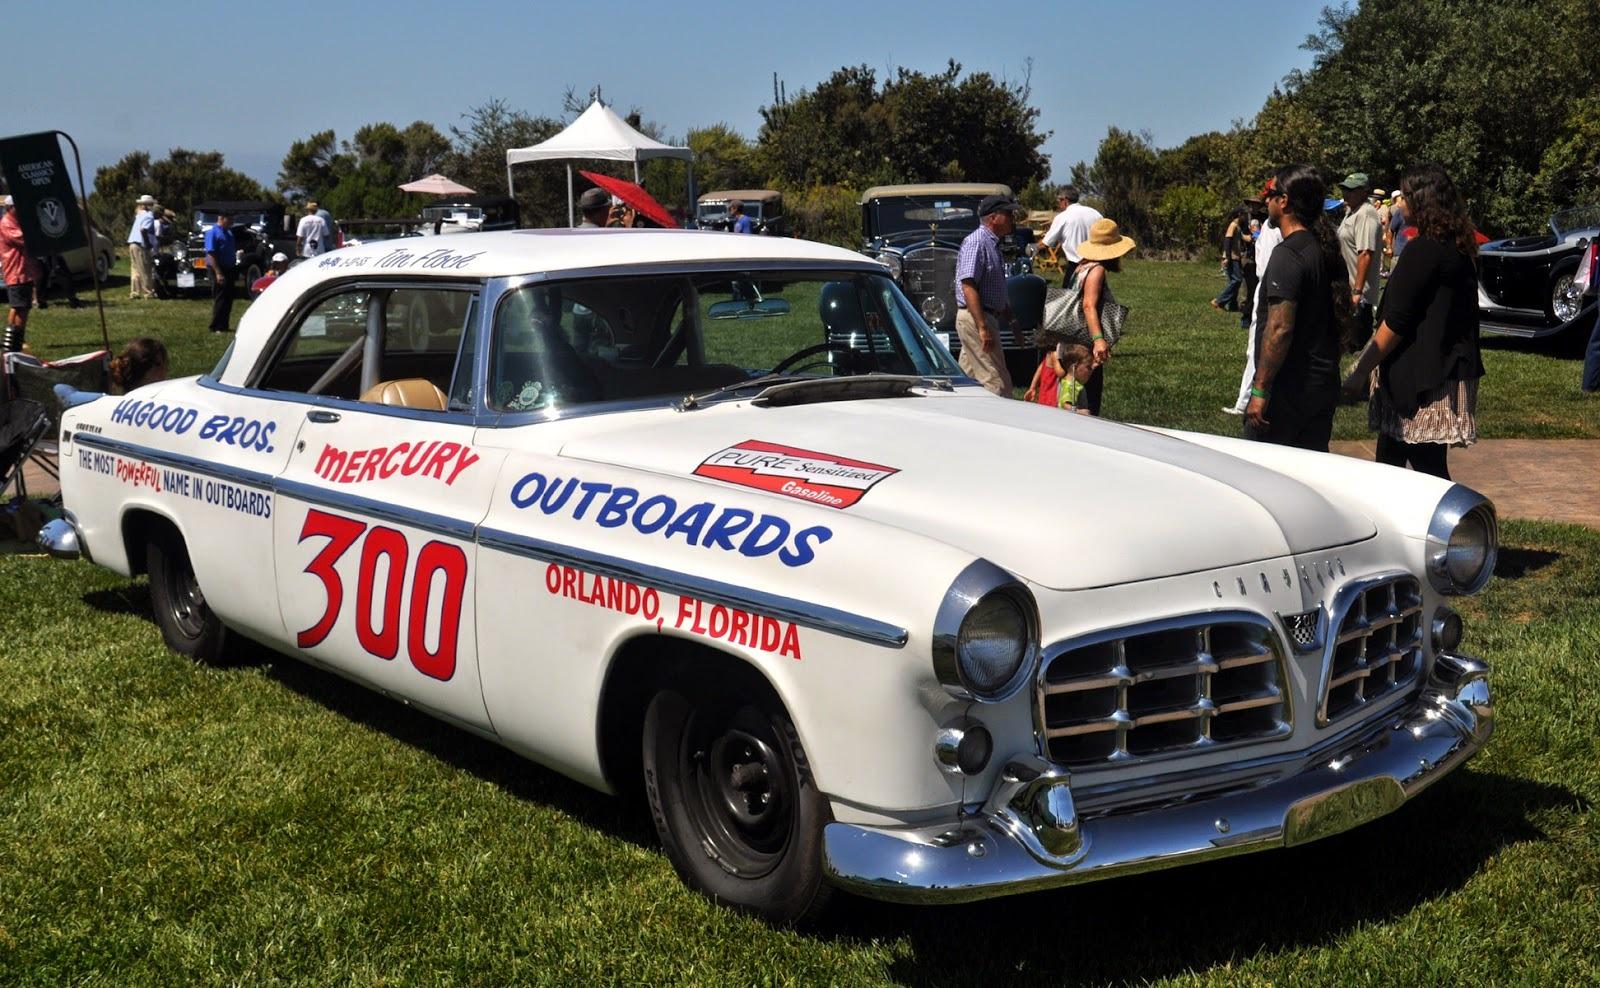 Chrysler 300 NASCAR